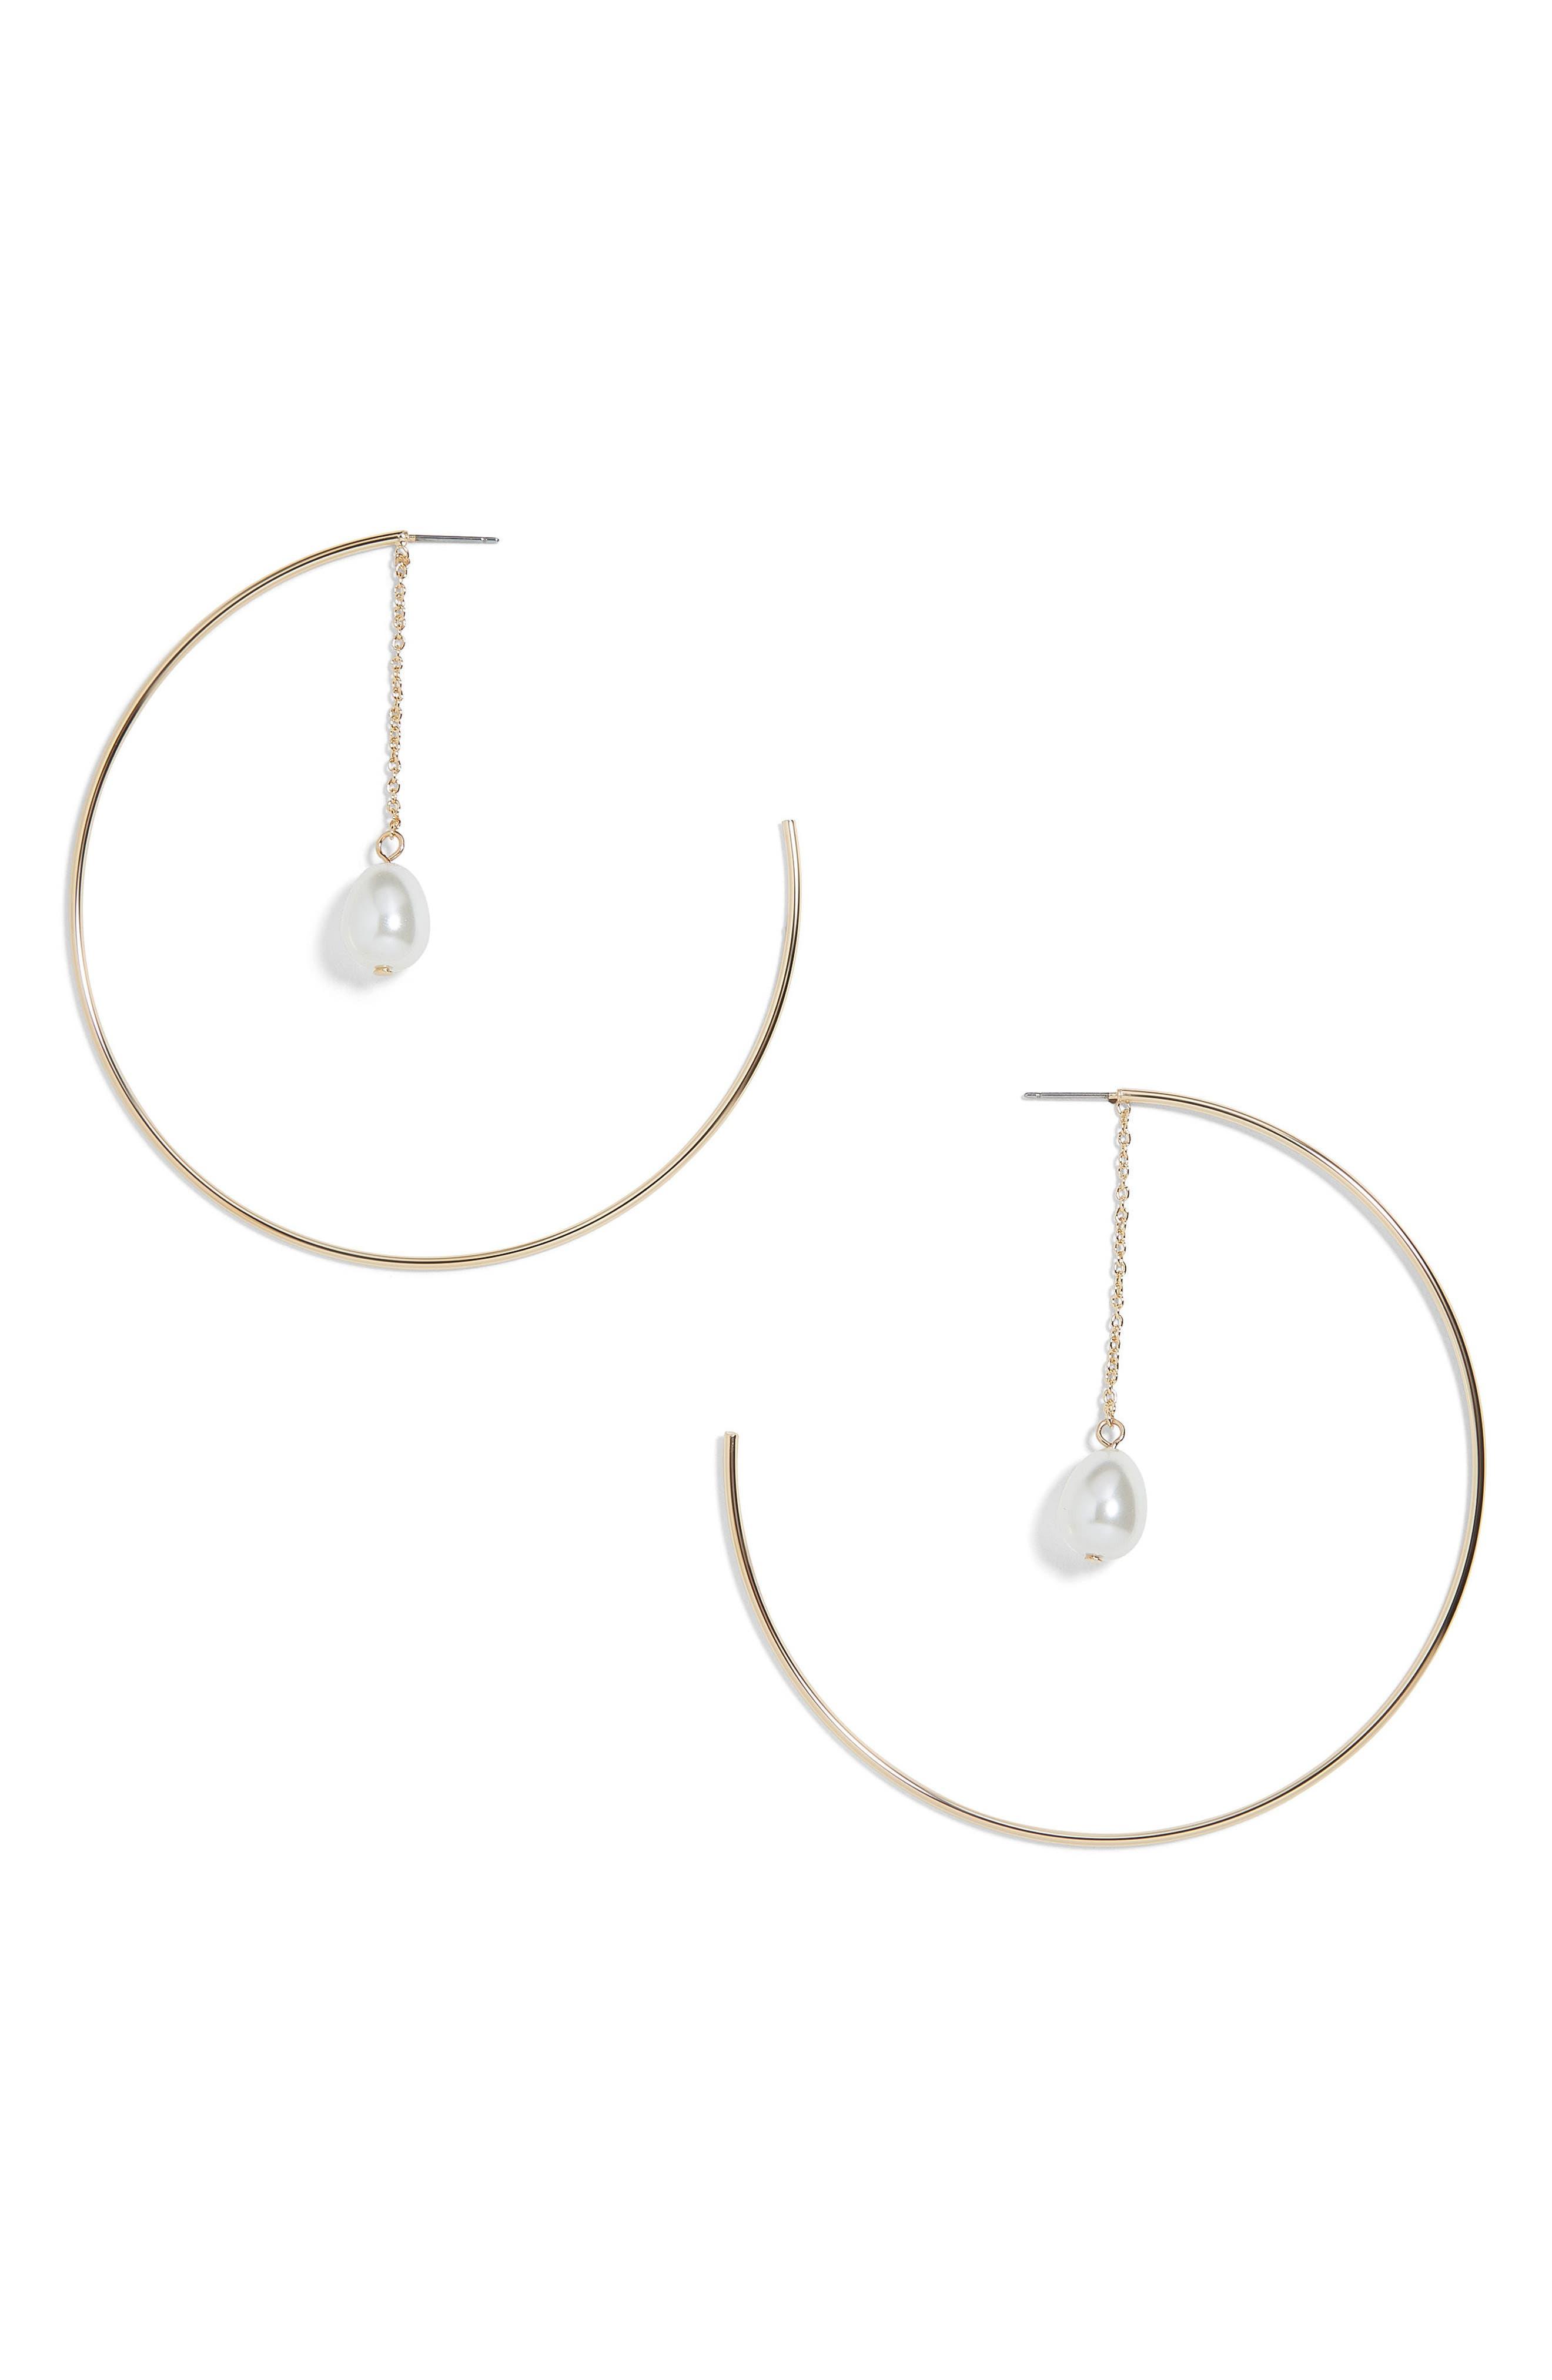 Ashanti Imitation Pearl Hoop Earrings,                         Main,                         color, Gold